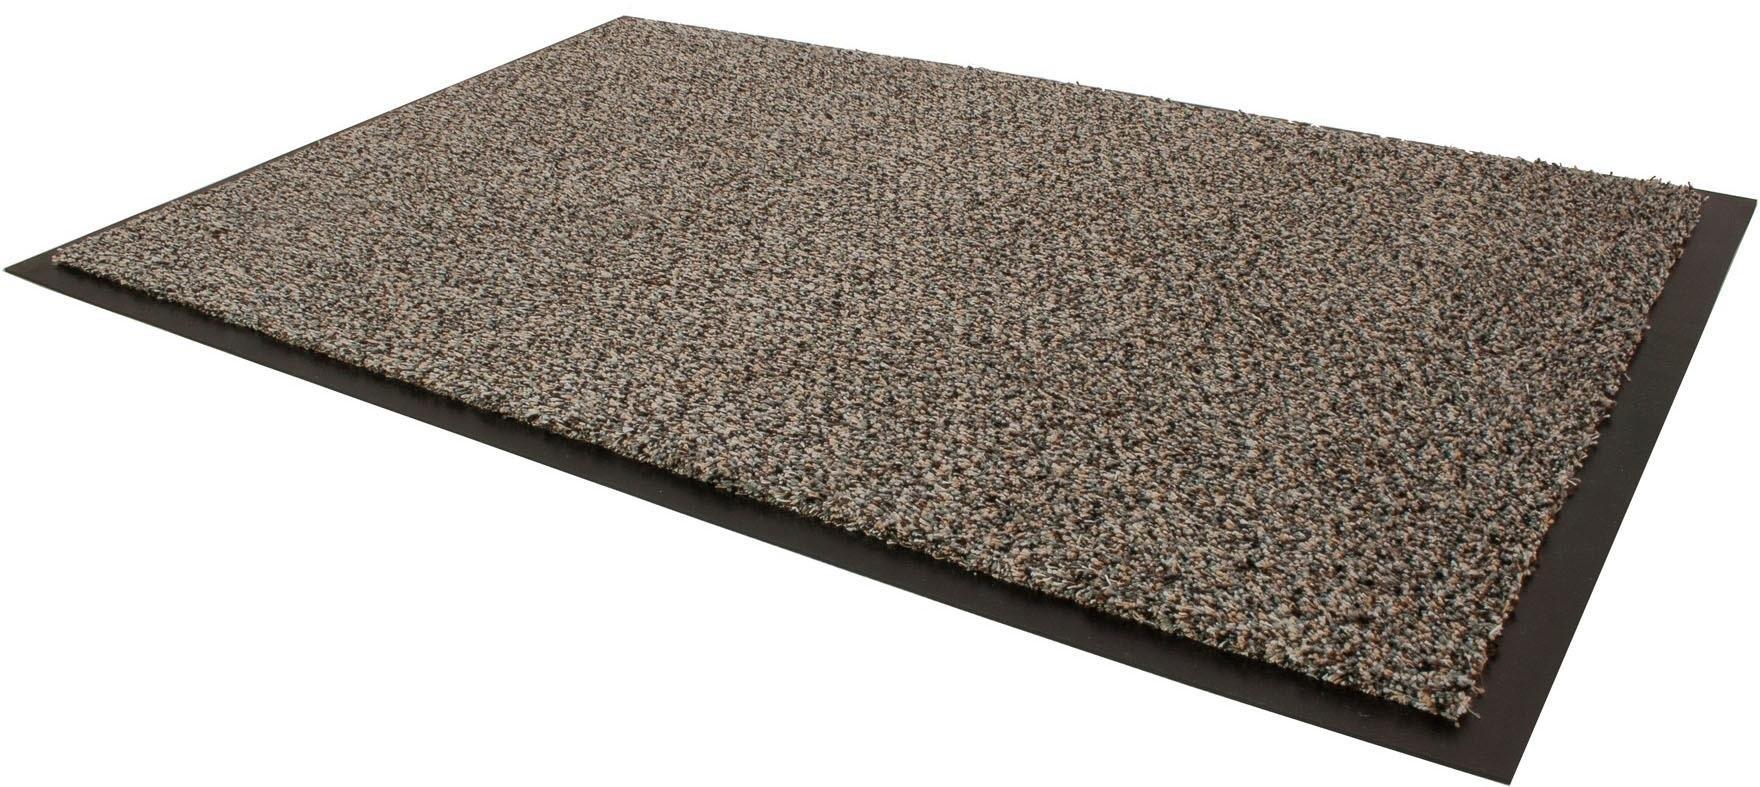 Primaflor-Ideen in Textil mat Flexi Borstelmatten, voetmatten, inloopmatten, inloopmat, schoonloopmatten, inloopmat, deurmat, deurmat, geschikt voor binnen en buiten, wasbaar nu online kopen bij OTTO